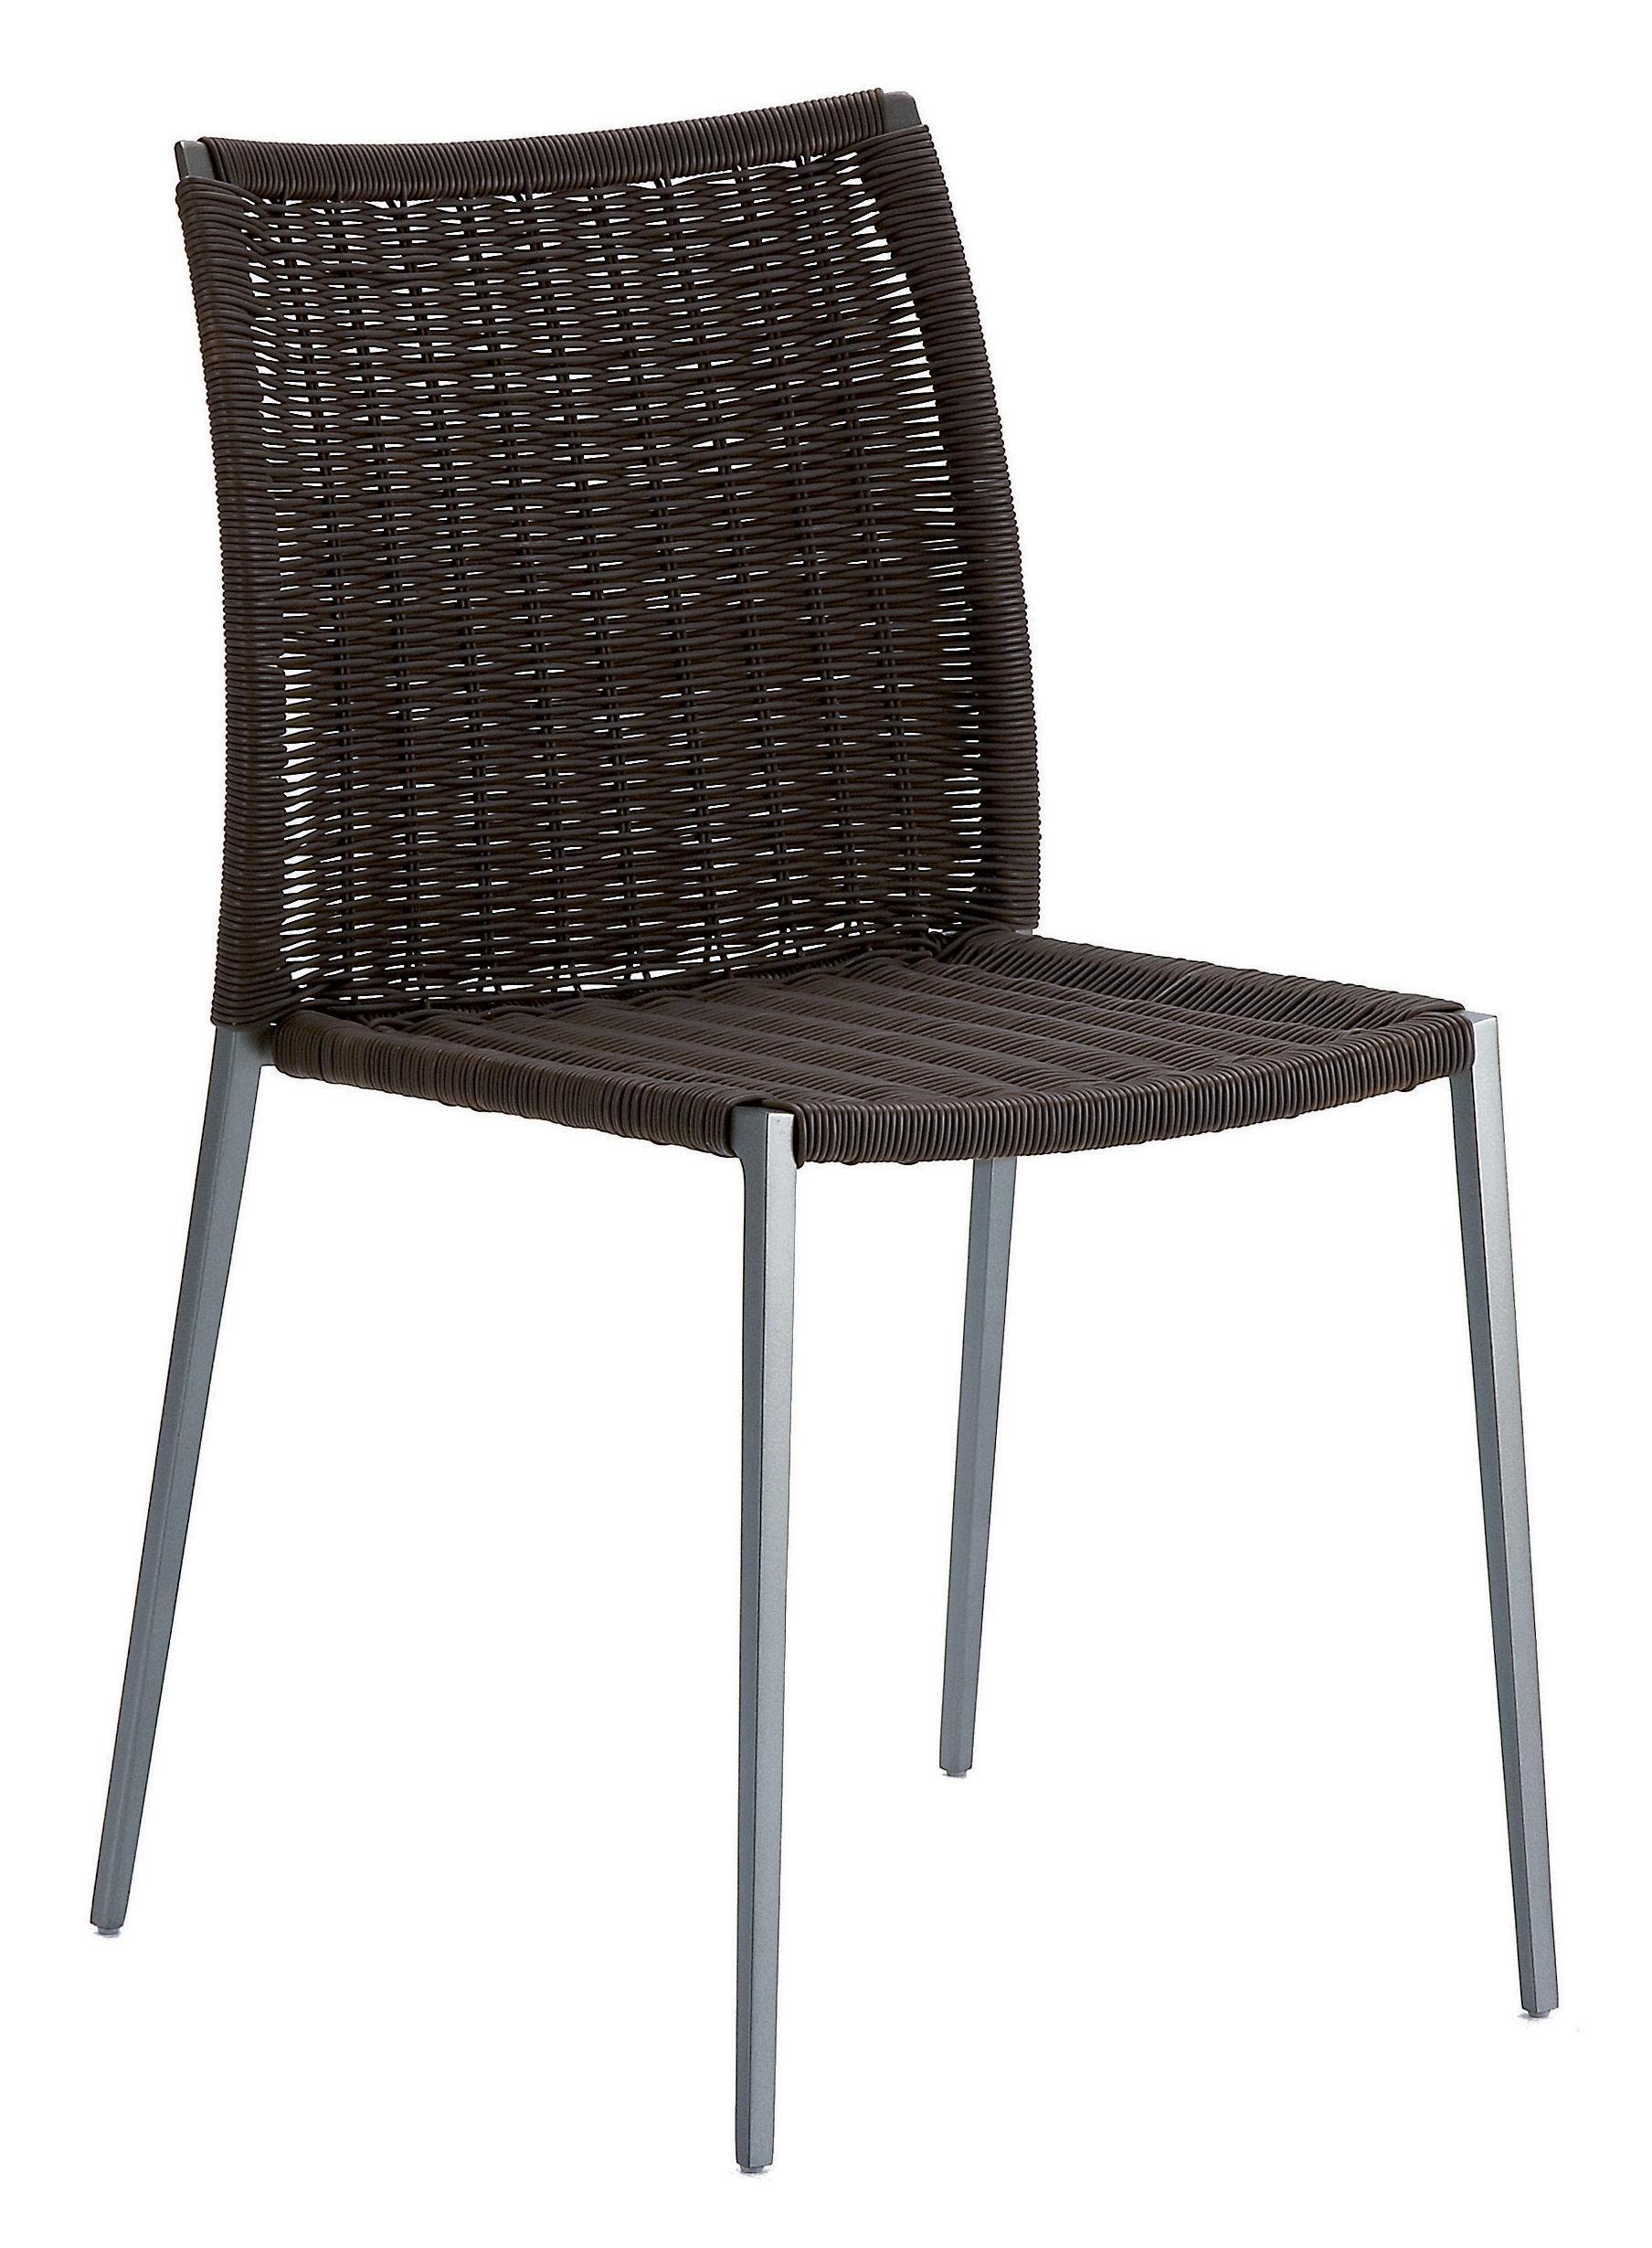 Arredamento - Sedie  - Sedia impilabile Talia di Zanotta - Marrone / struttura grafite - alluminio verniciato, PVC